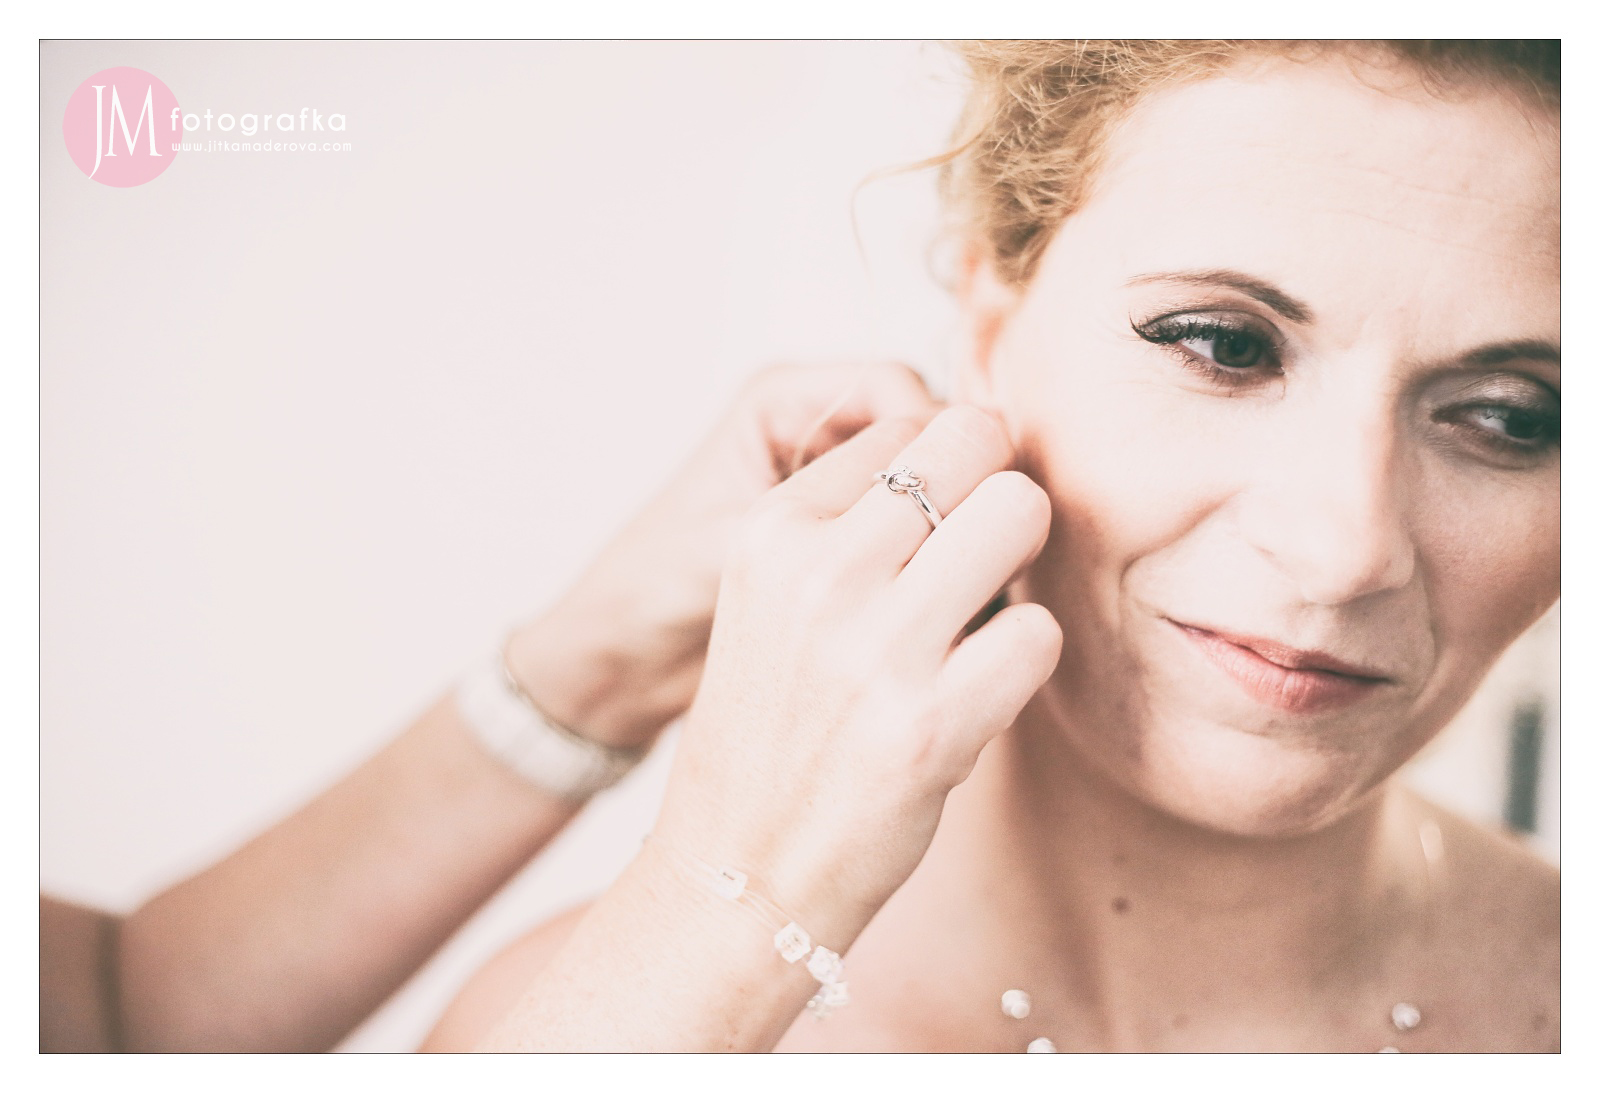 svatebni_fotografka-jitka-maderova_0001